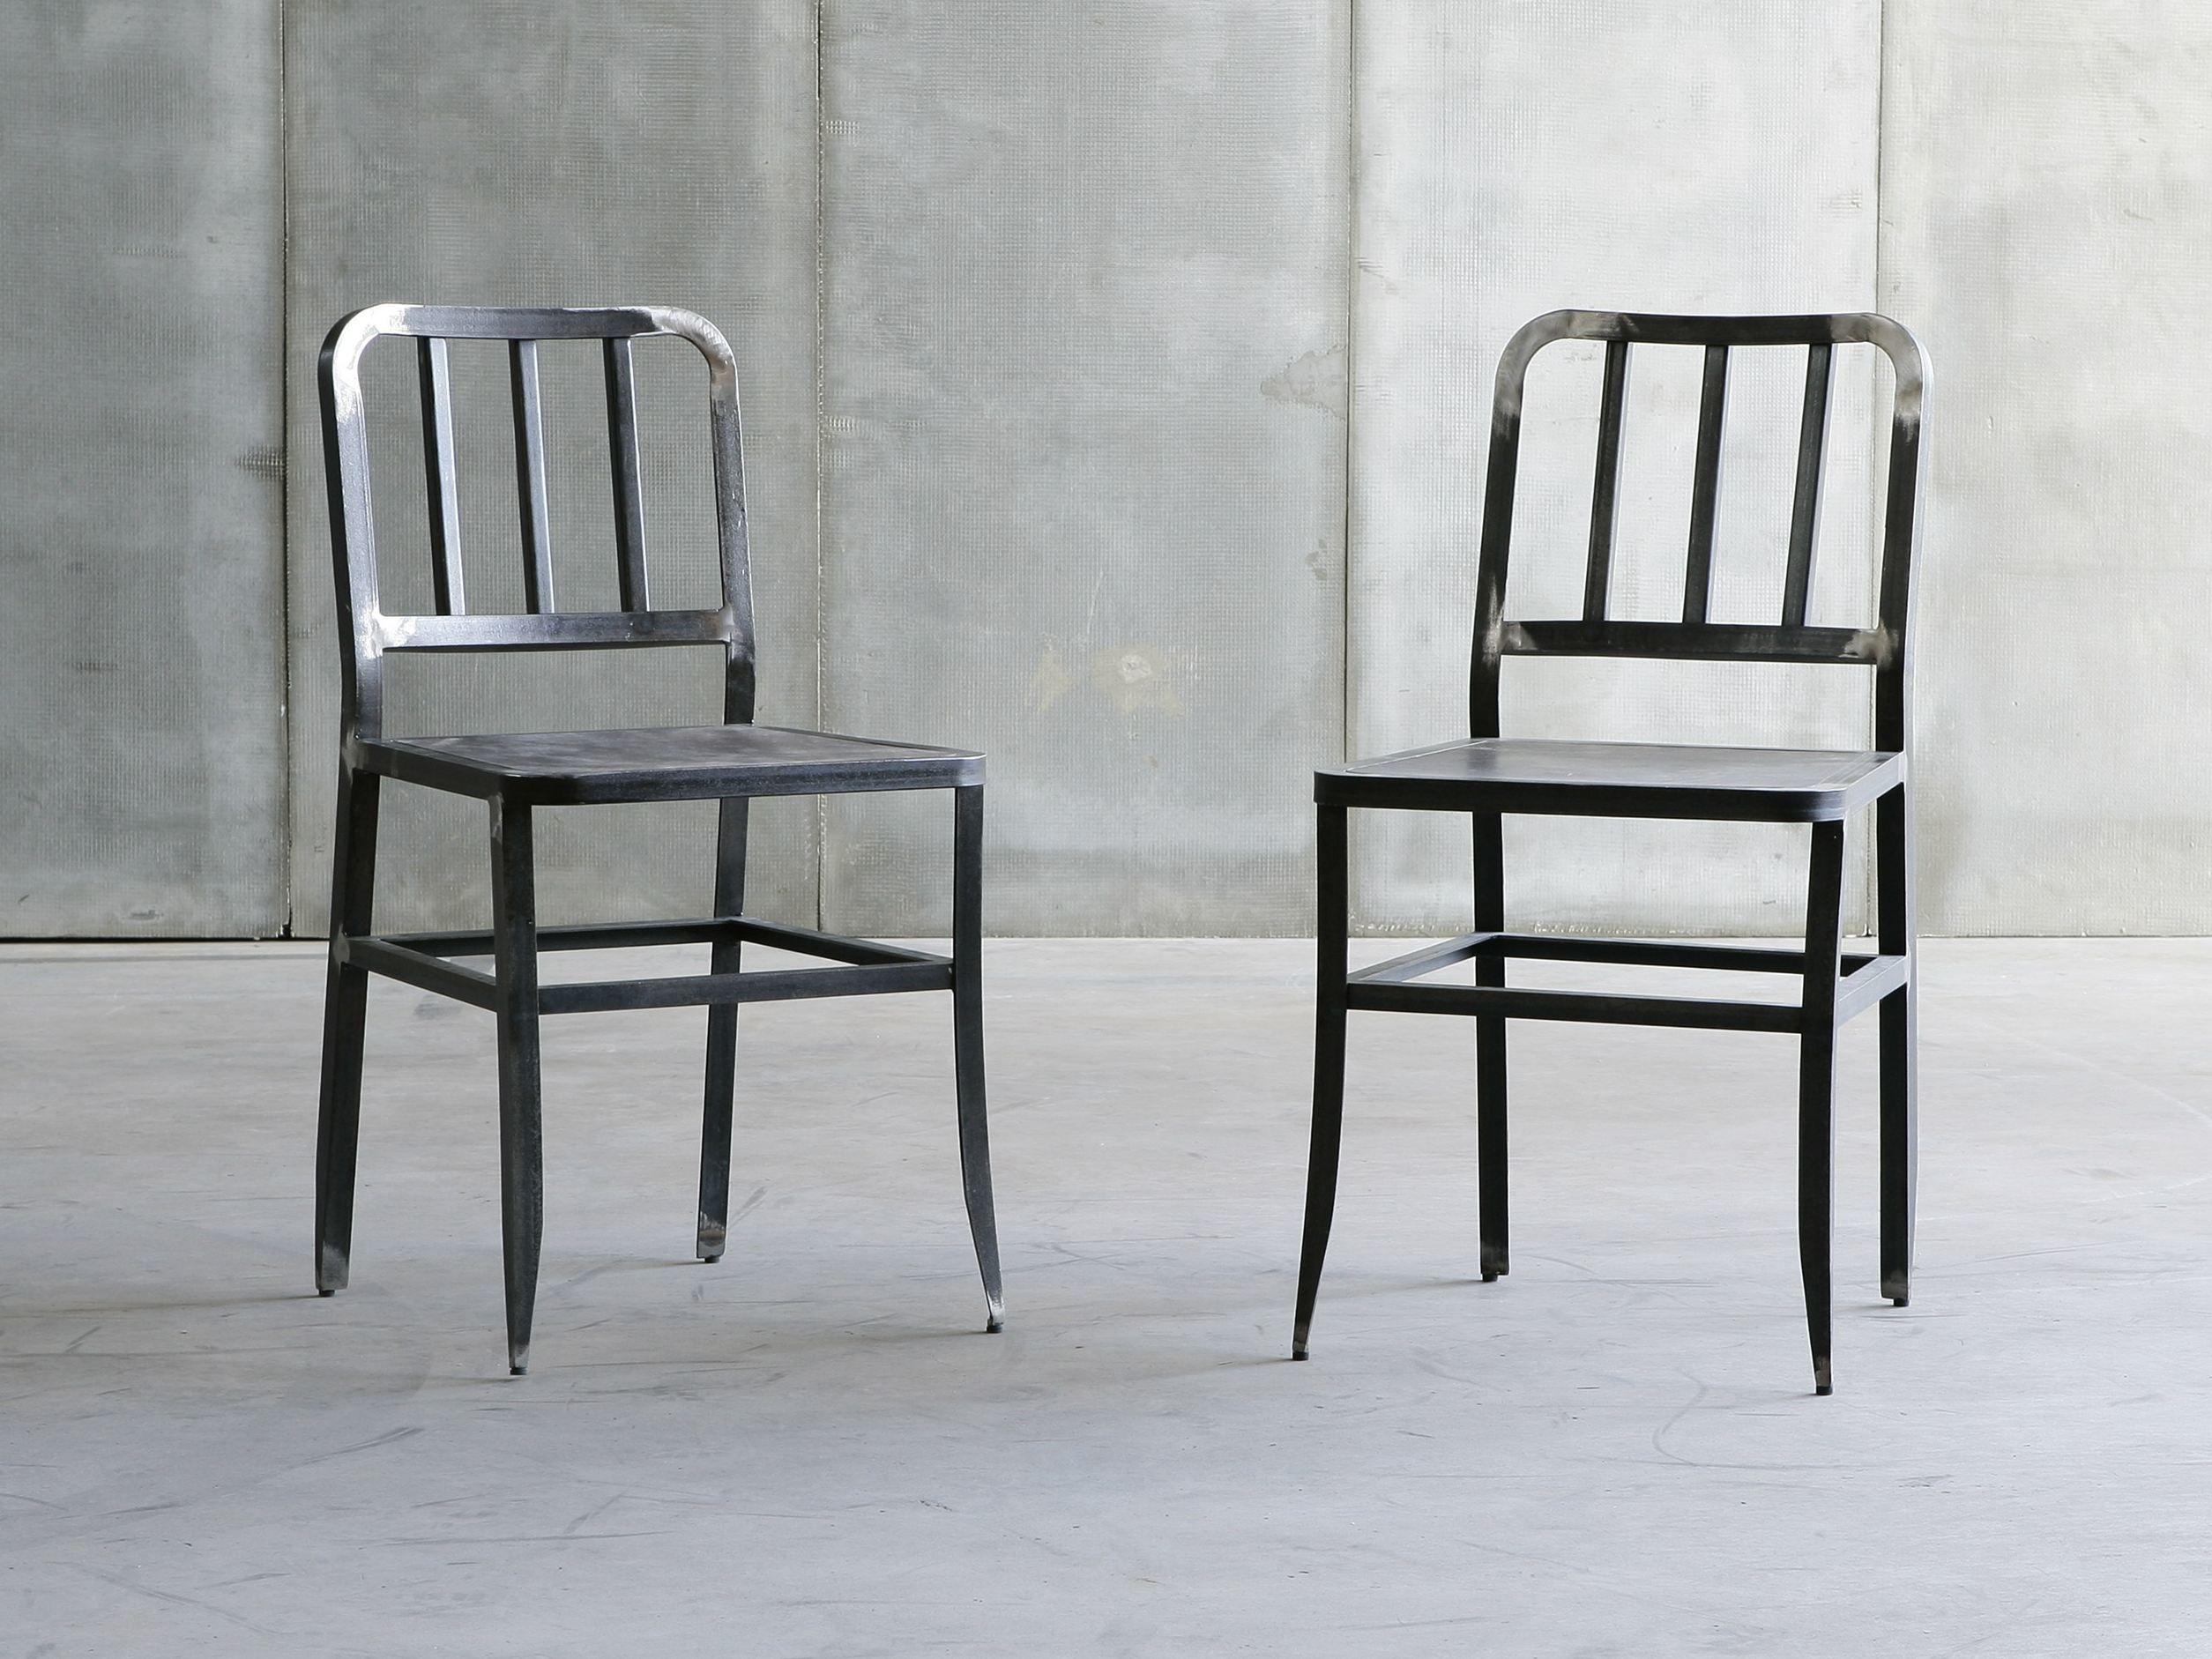 METAL CHAIR Chair By Heerenhuis